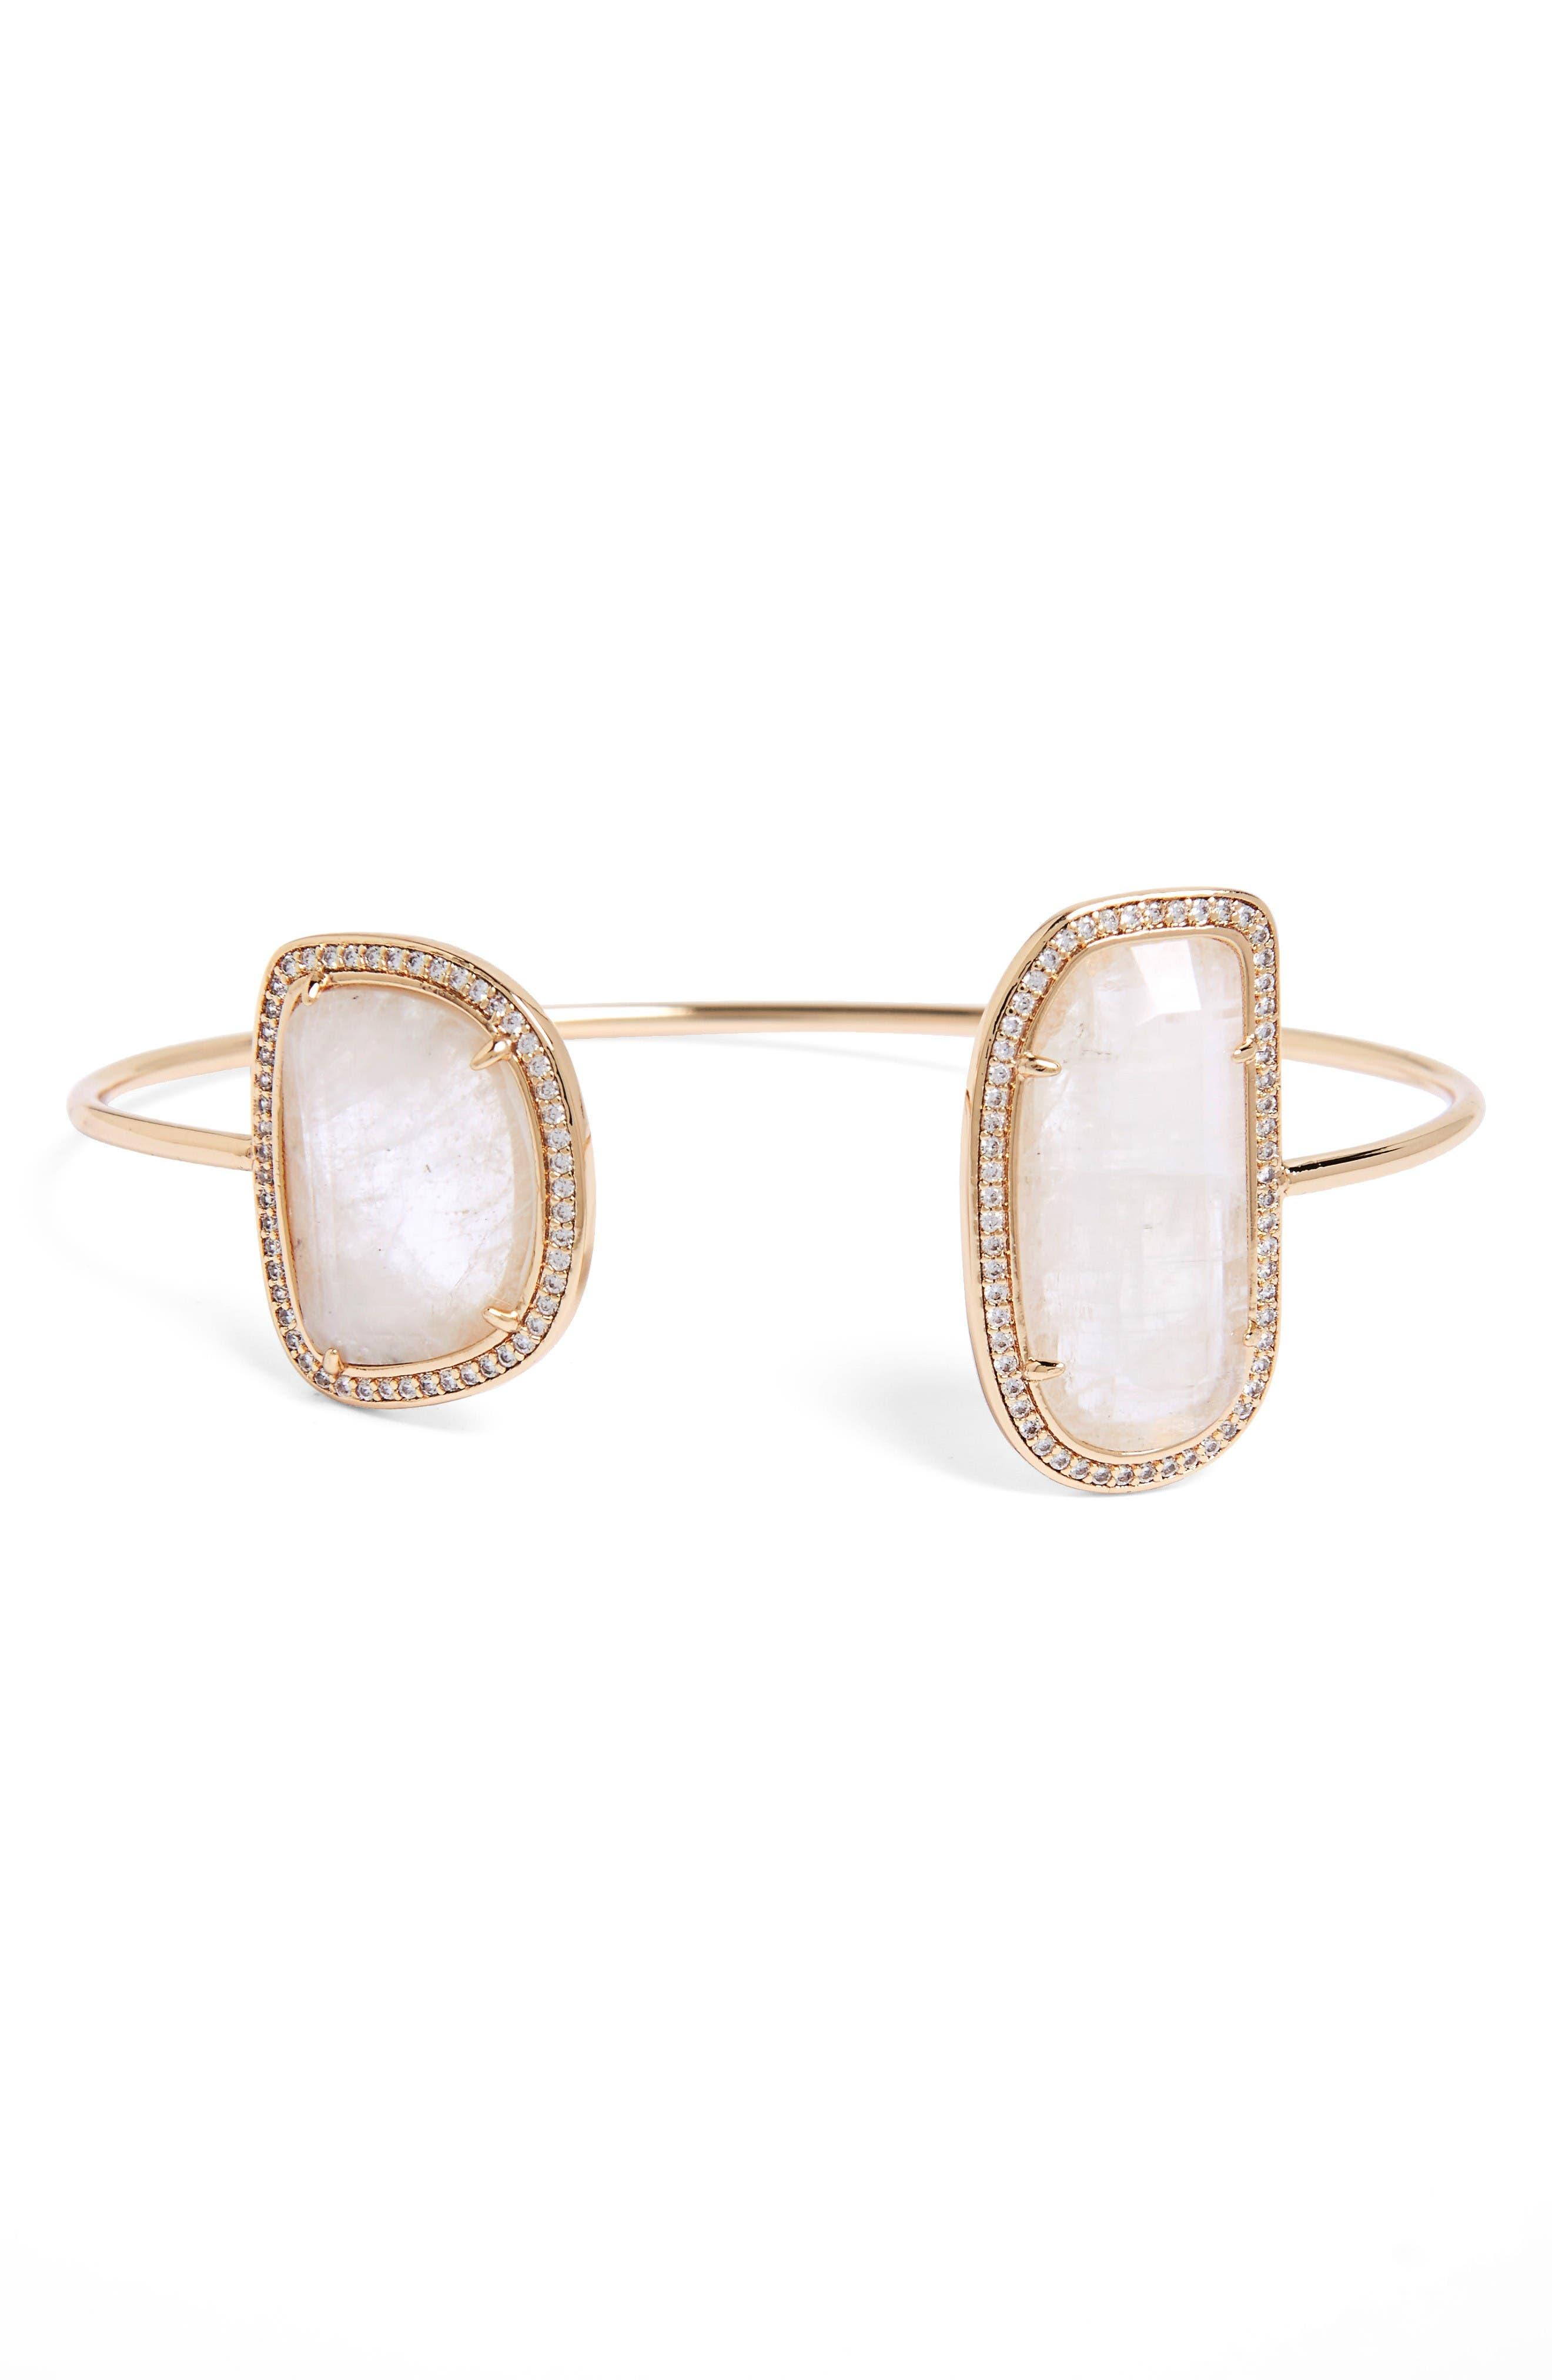 Melanie Auld Cuff Bracelet